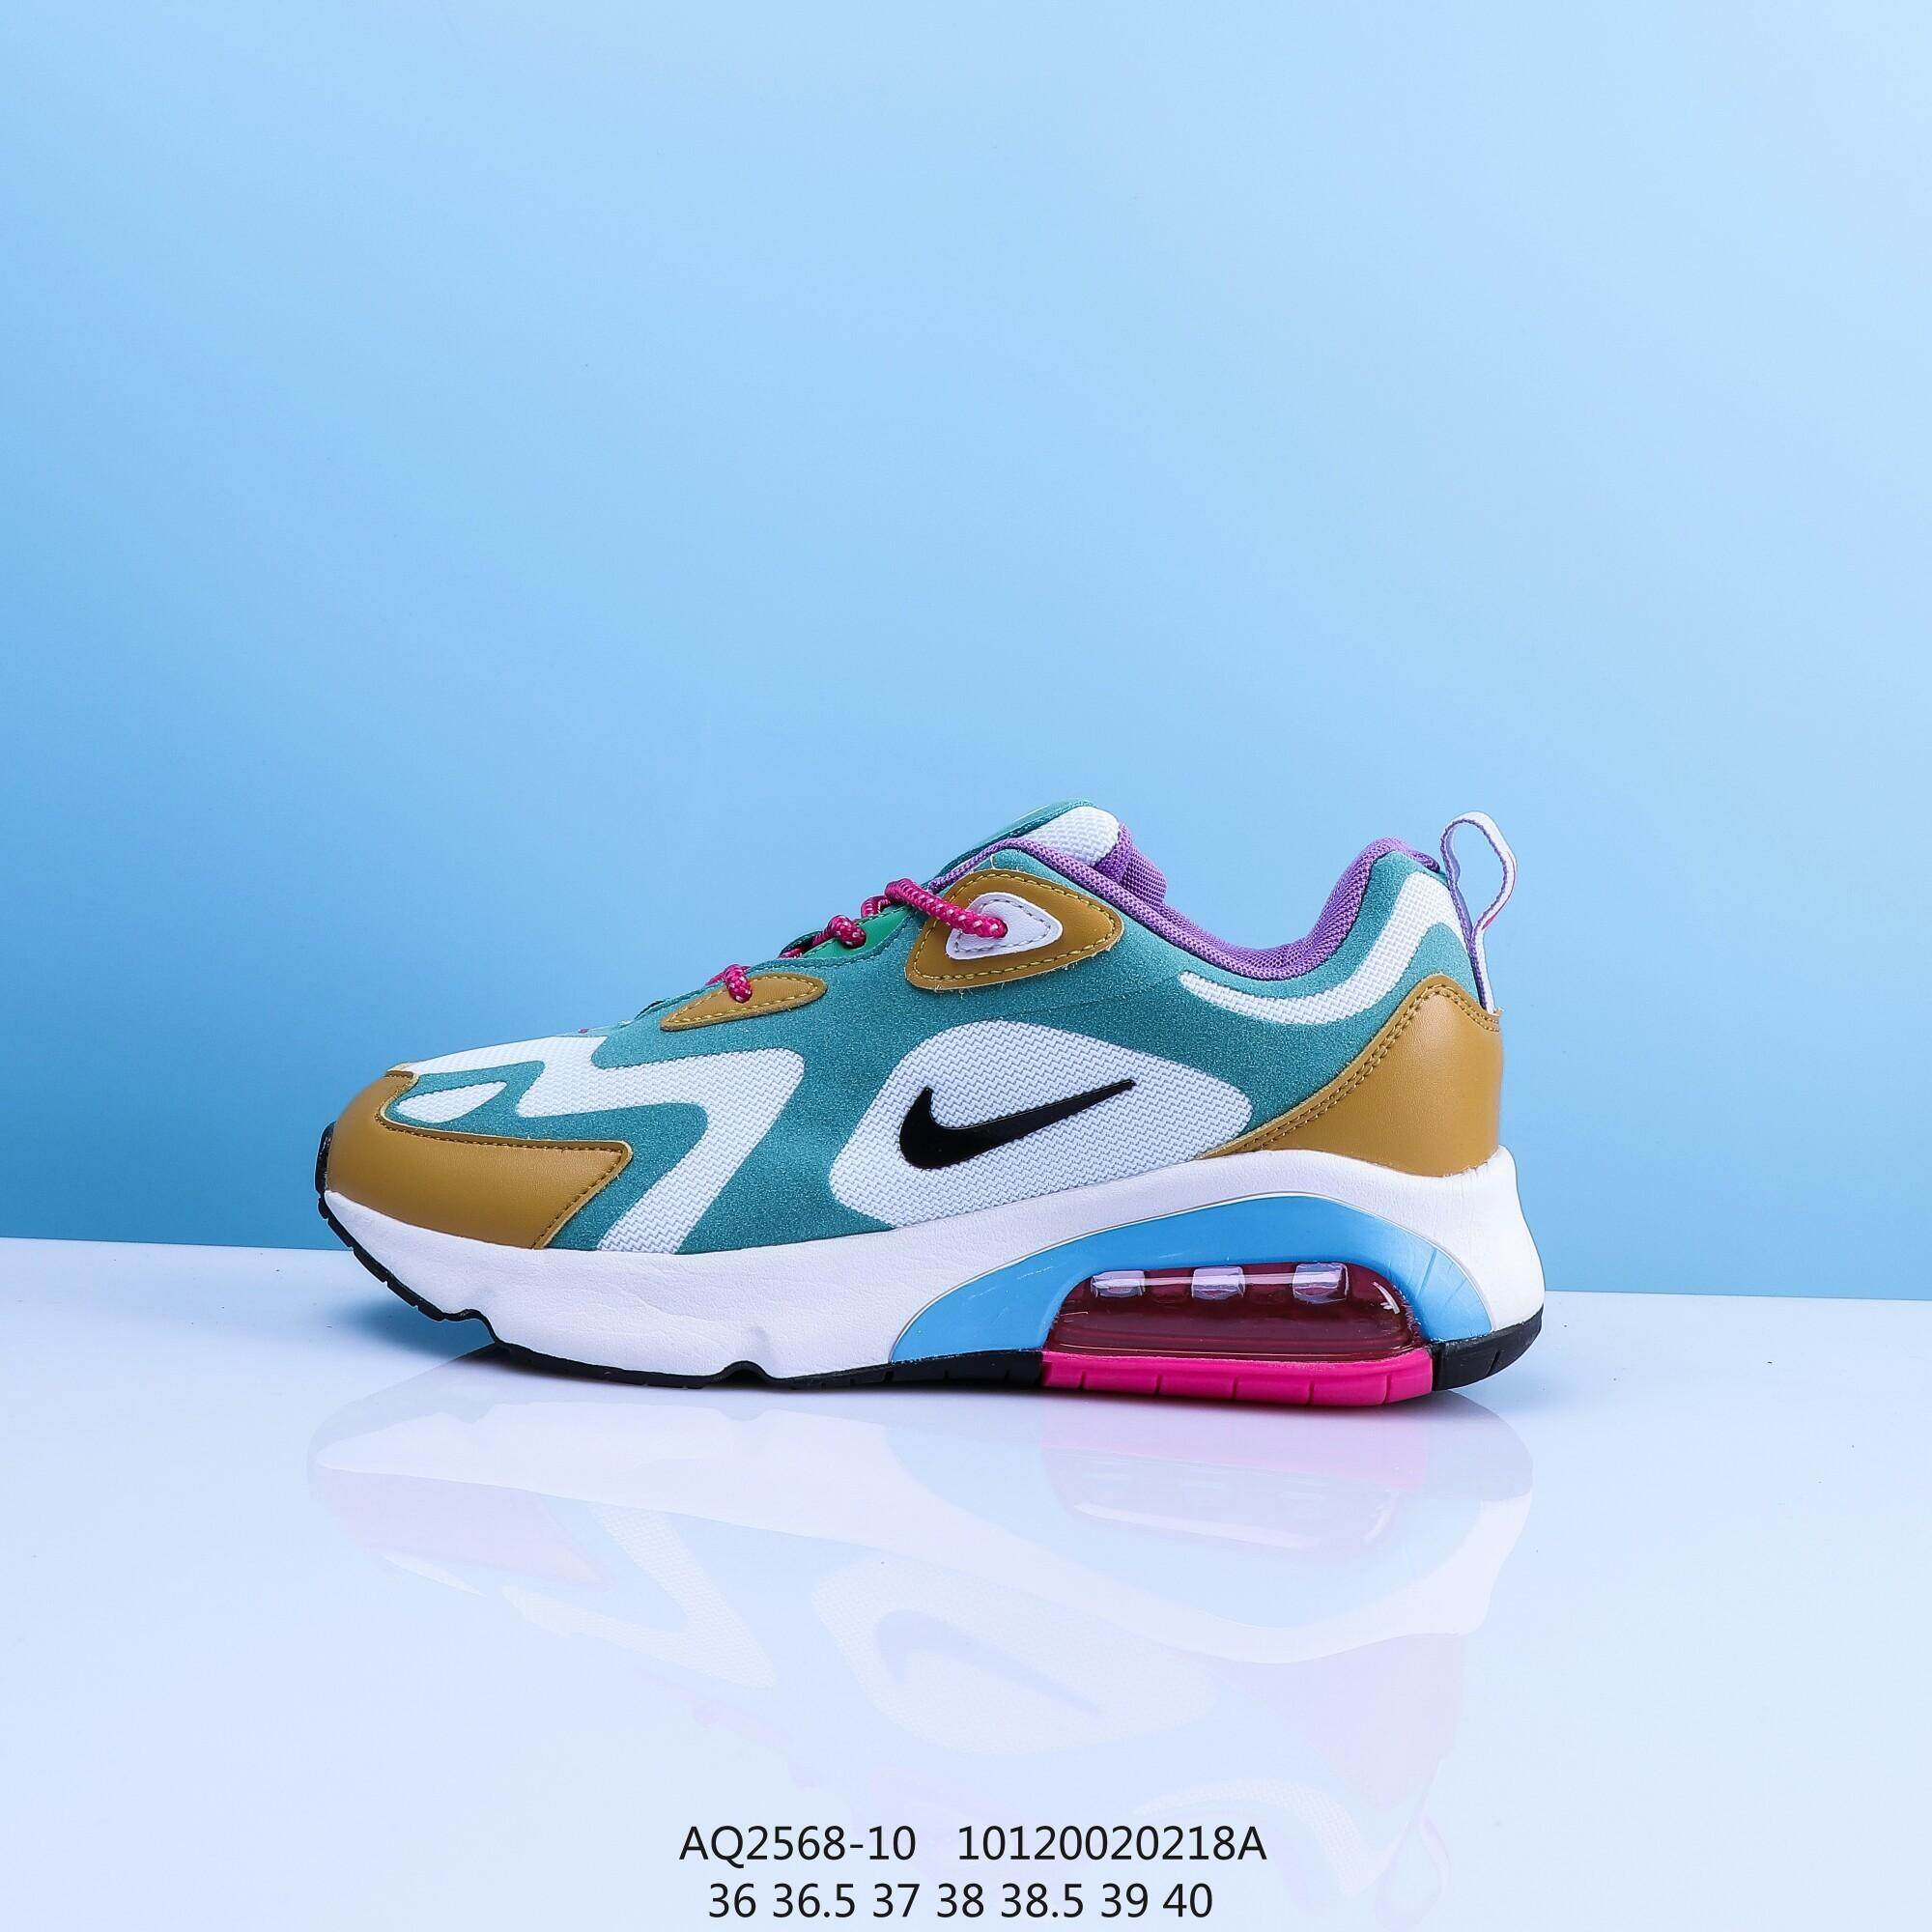 Nike_Air_Zoom_Pegasus 36 Sepatu Pria Sepatu Lari untuk Pria 2019 Kulit Sepatu Olahraga Pria Jogging Alas Kaki Di Luar Ruangan Ringan Bernapas Sepatu Wanita